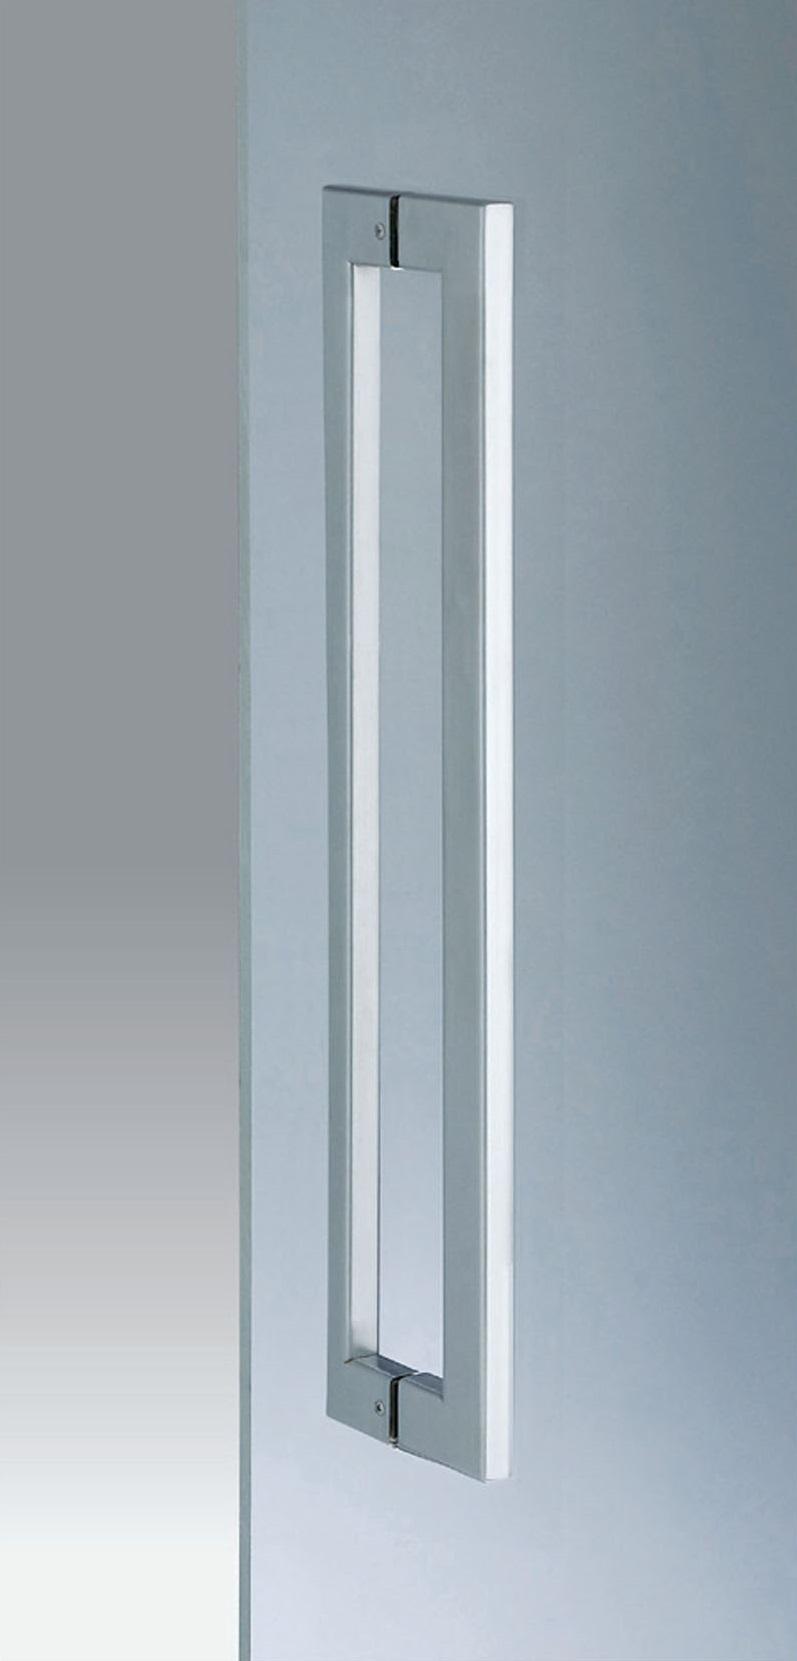 AG102-10-102-L600